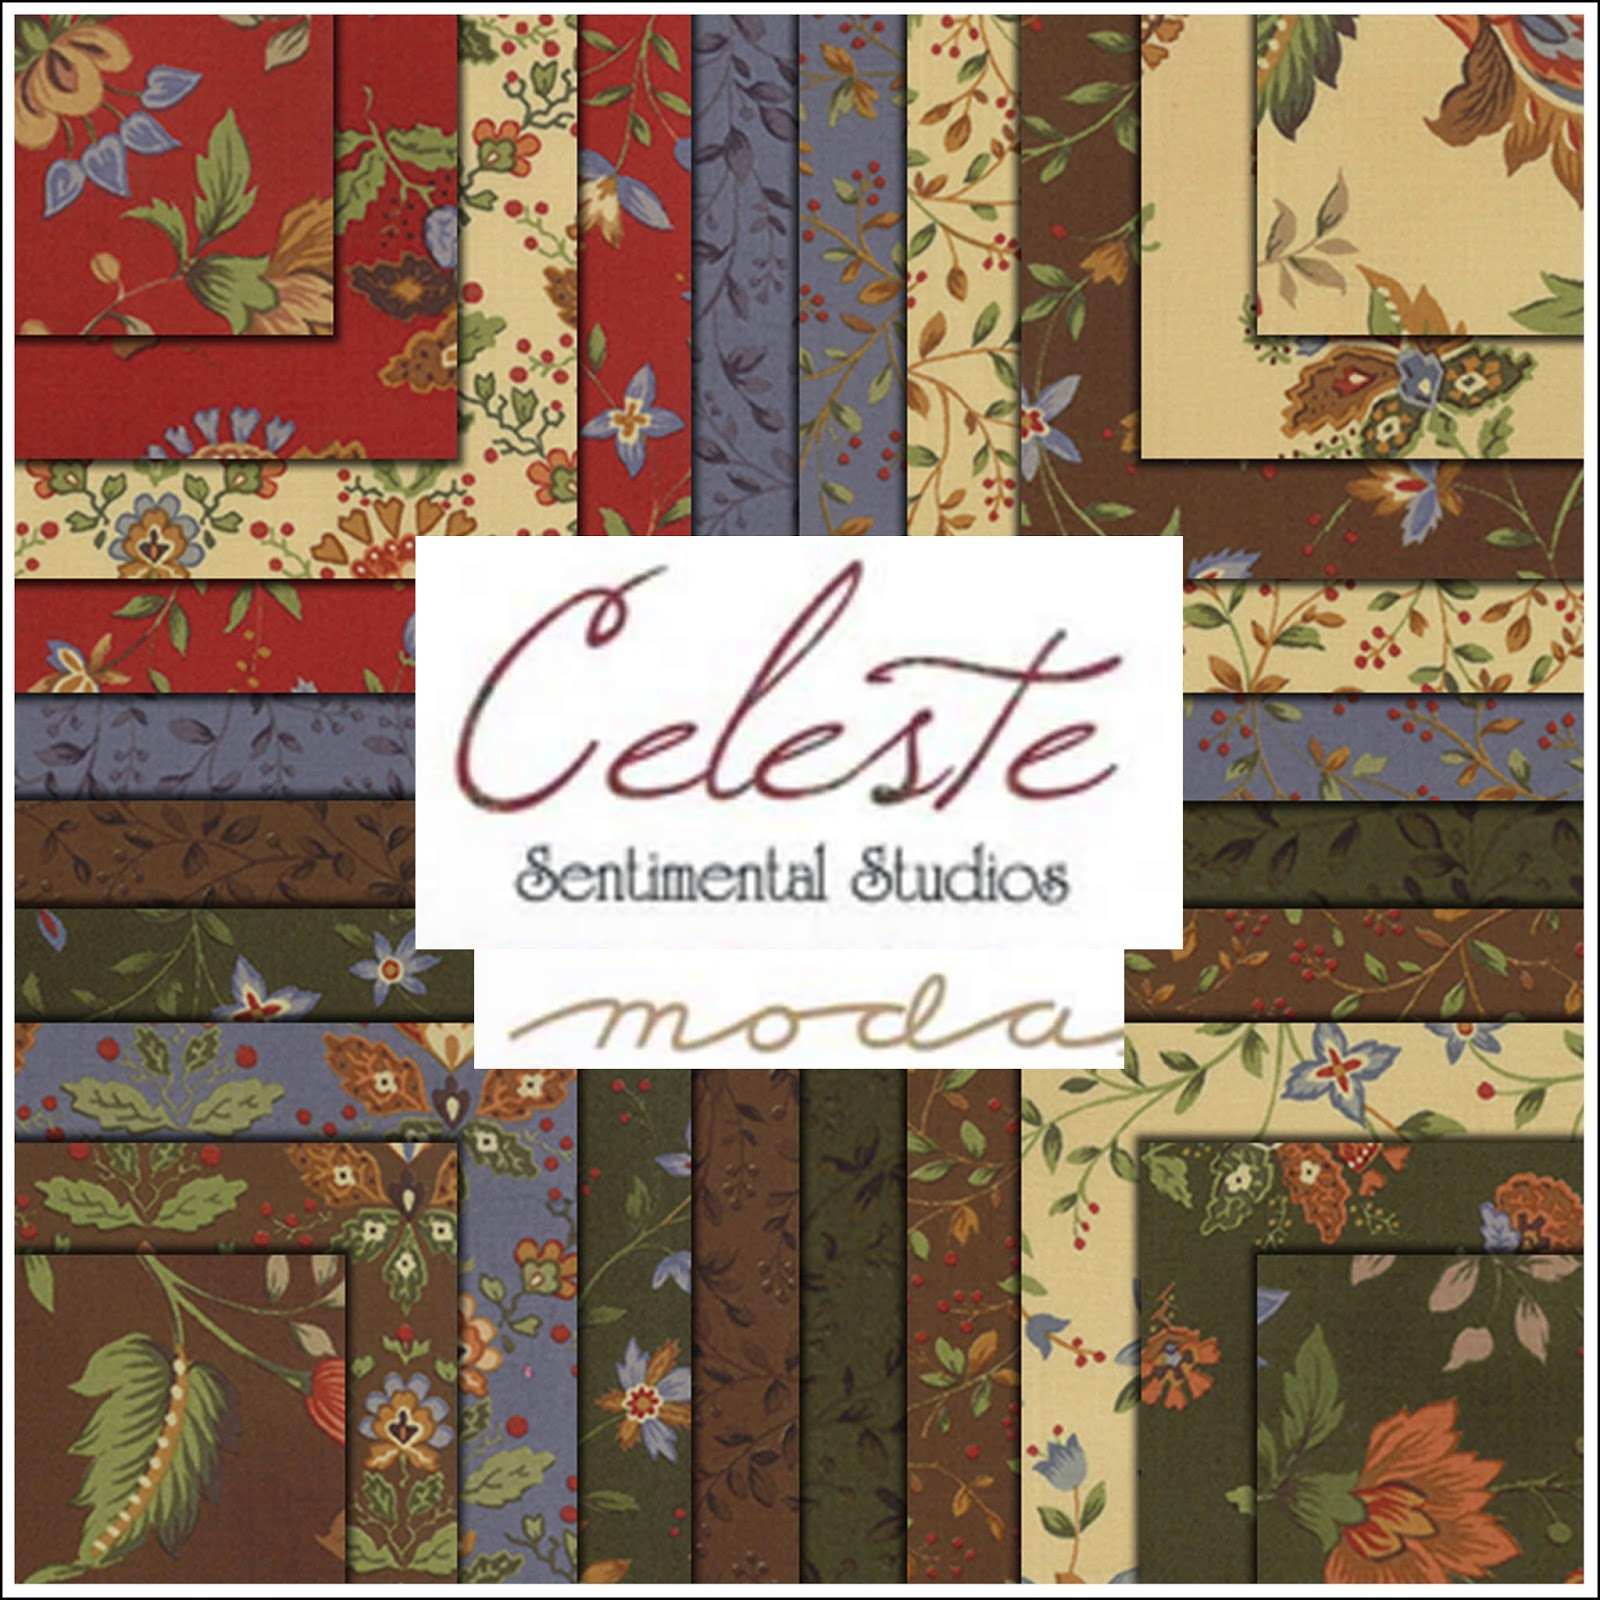 Moda CELESTE Quilt Fabric by Sentimental Studios for Moda Fabrics